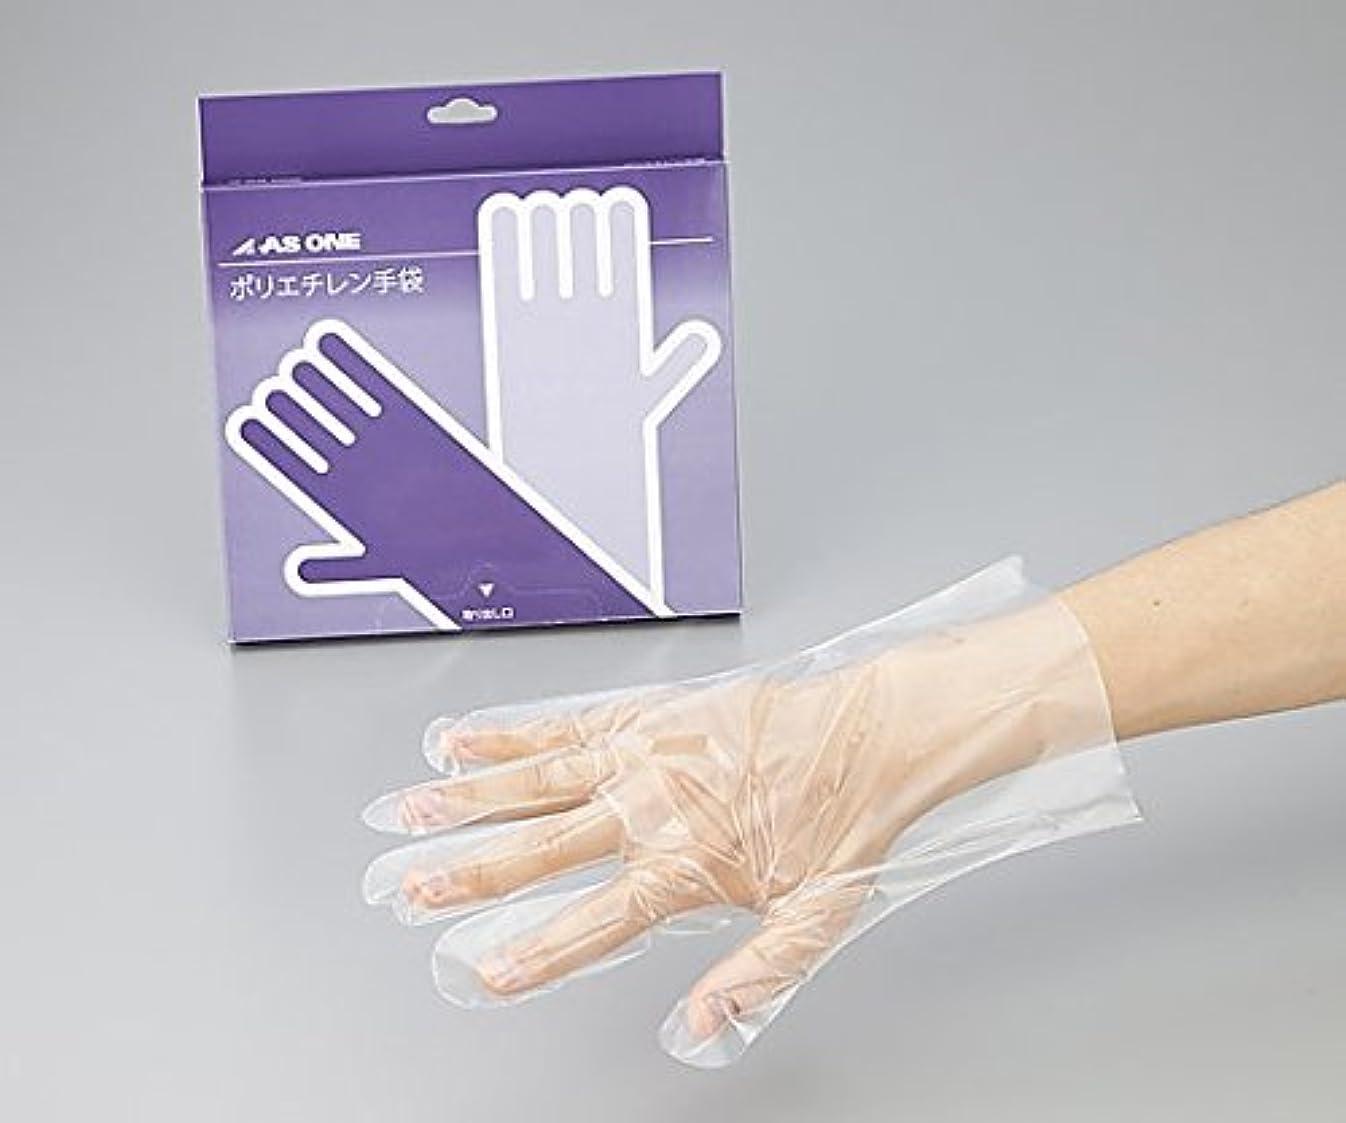 恥バリー下るアズワン2-4975-01ポリエチレン手袋エコノミー薄手外エンボス付L100枚入